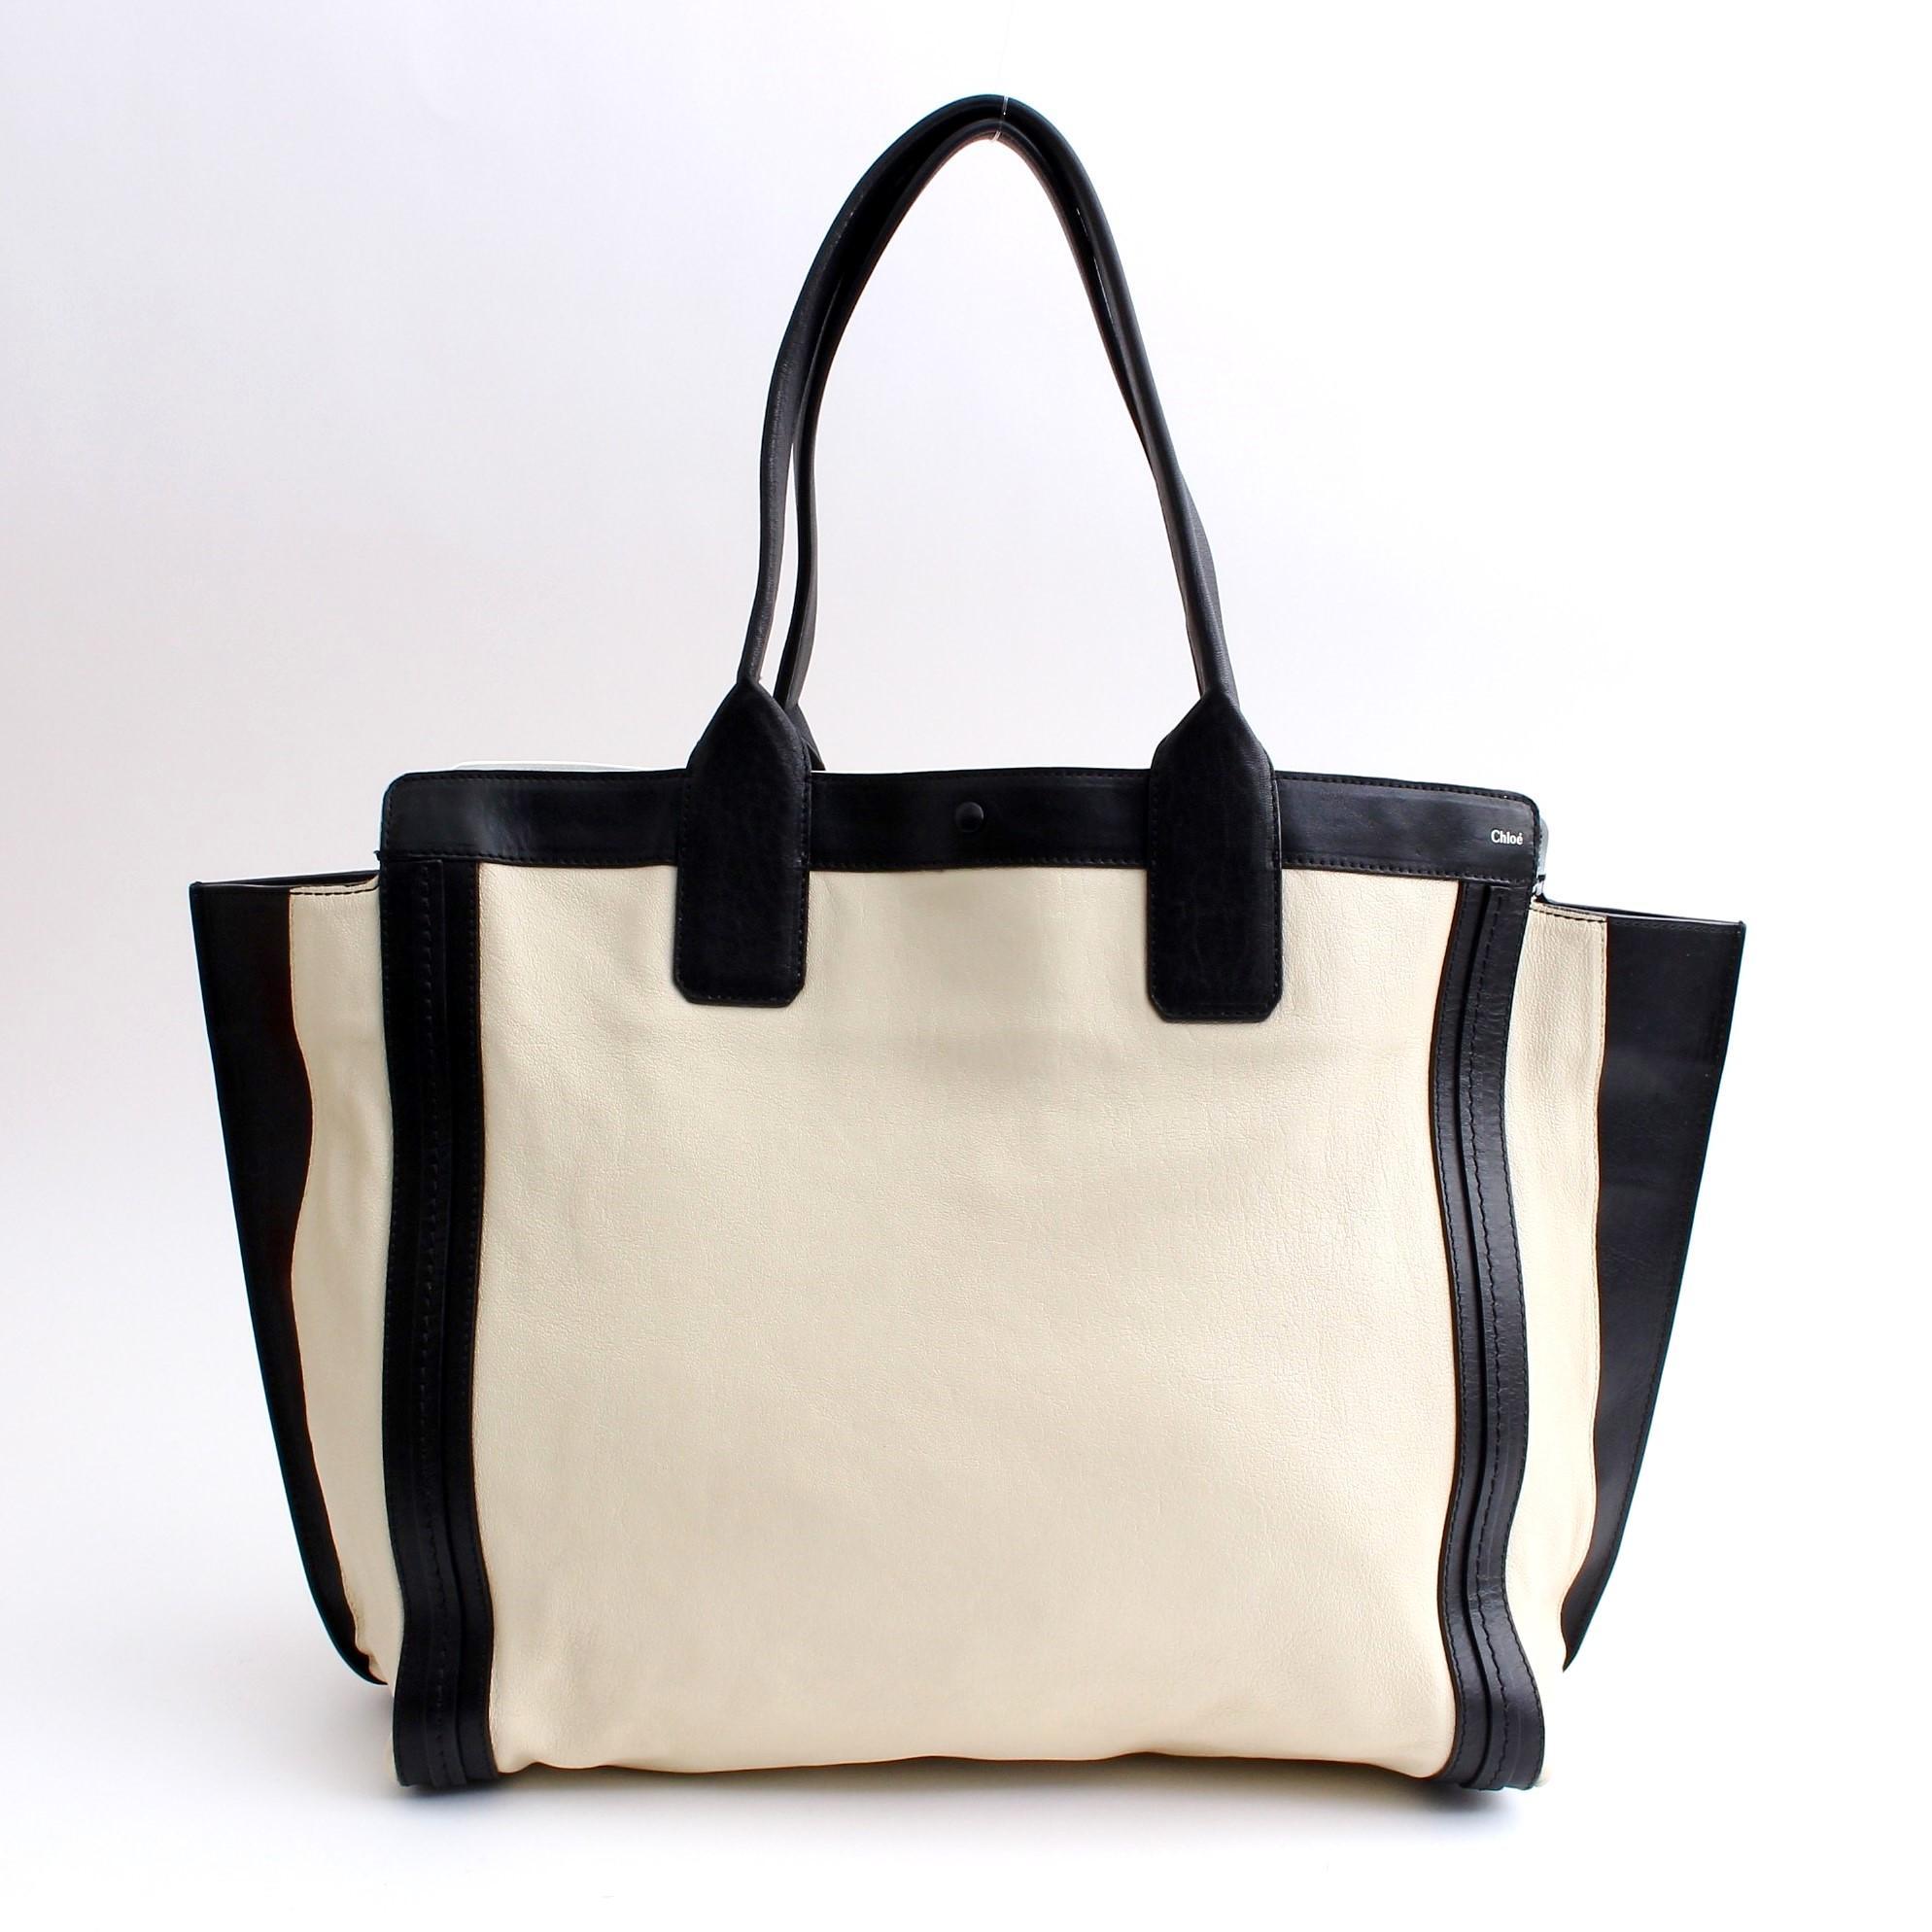 女性に人気のクロエ。中古バッグを高価買取する秘訣とは?のサムネイル画像